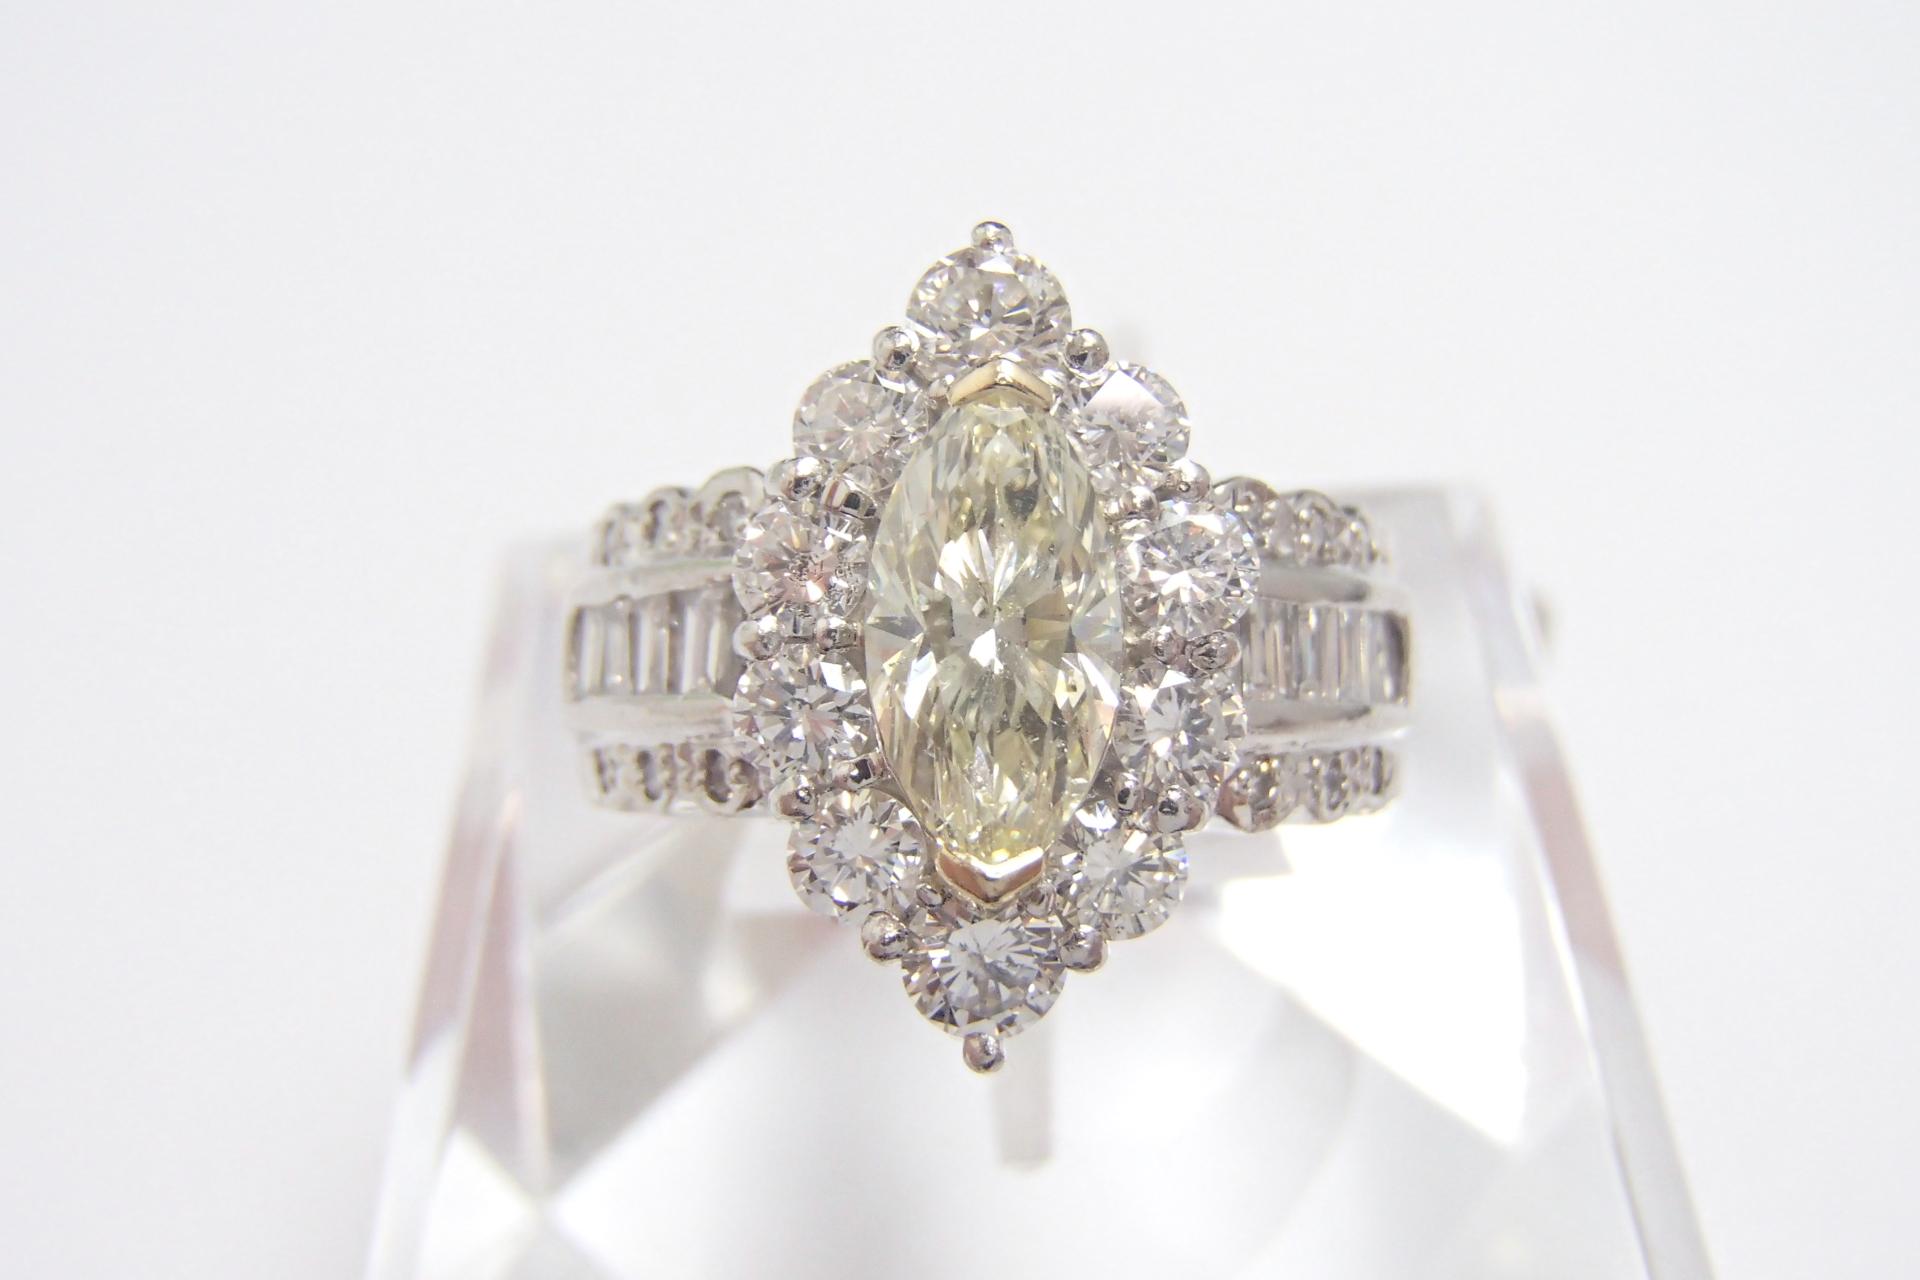 【買取実績】『ダイヤ付きプラチナリング』商品の買取しました